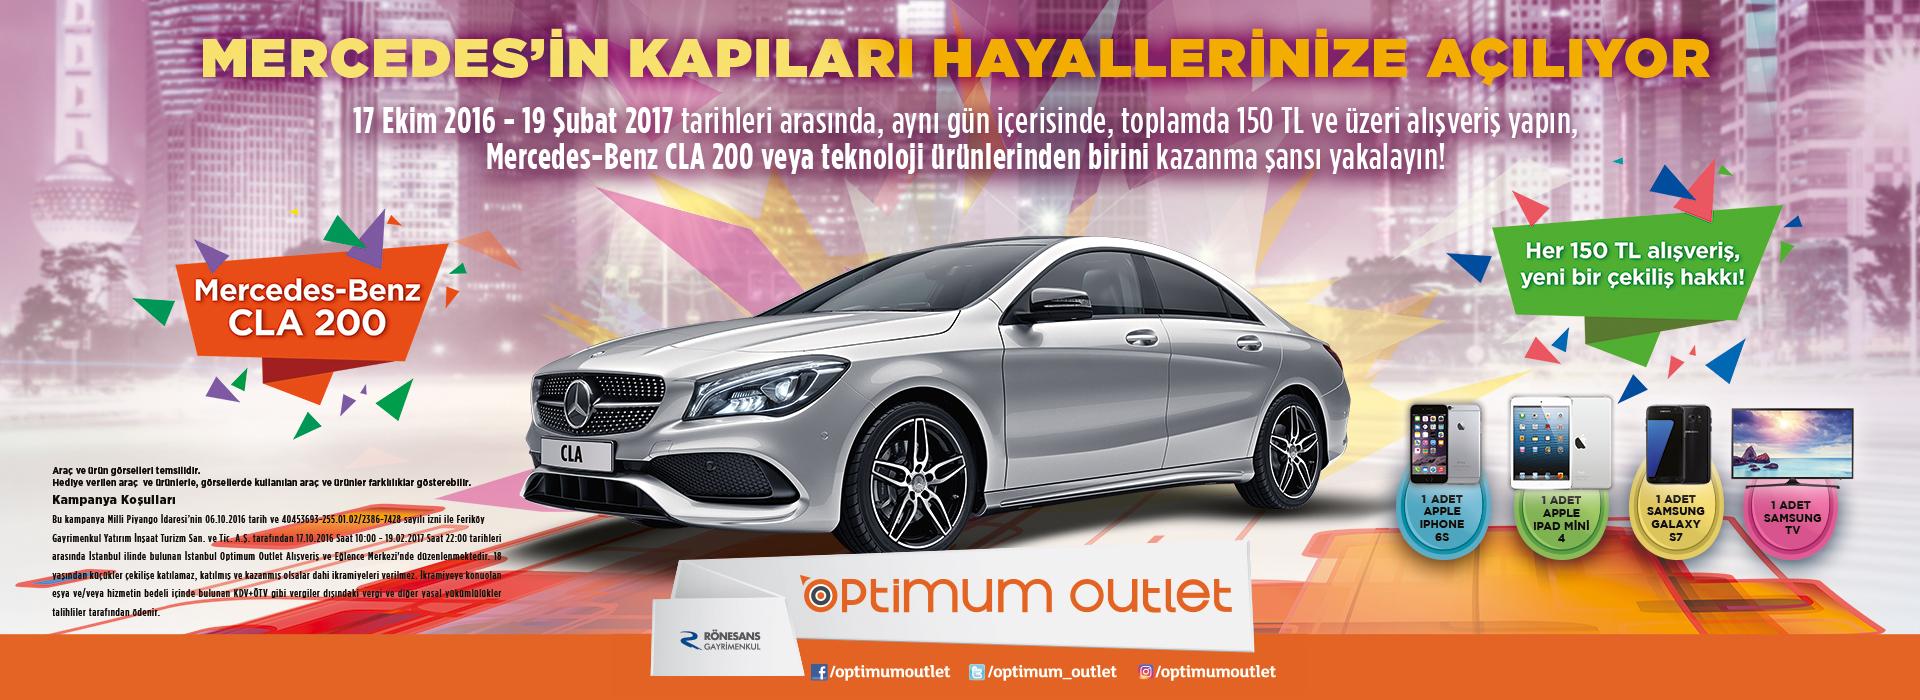 Mercedes'in Kapıları Hayallerinize Açılıyor!